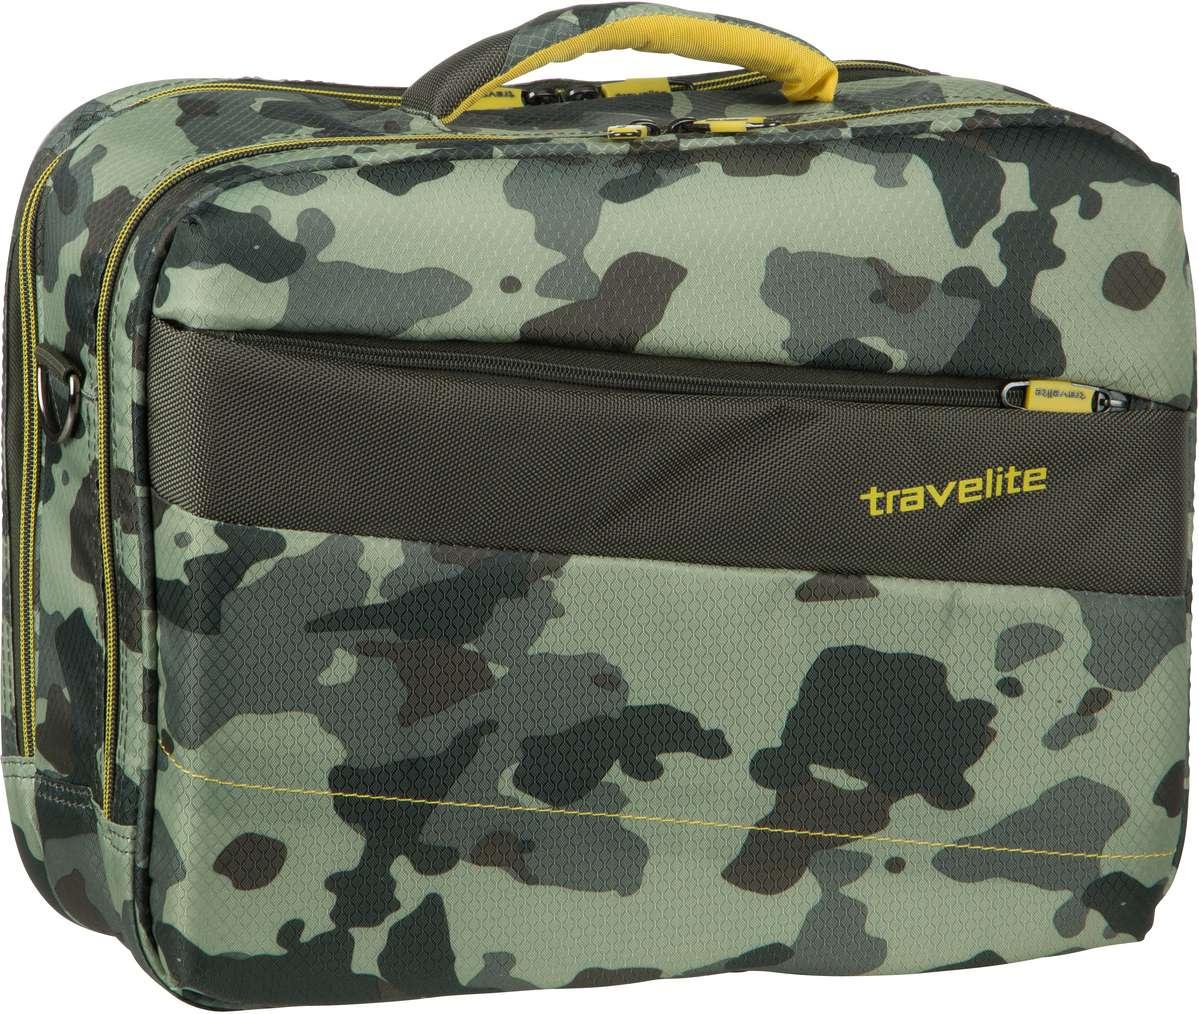 Businesstaschen für Frauen - travelite Aktentasche Kite Bordtasche Camouflage (20 Liter)  - Onlineshop Taschenkaufhaus